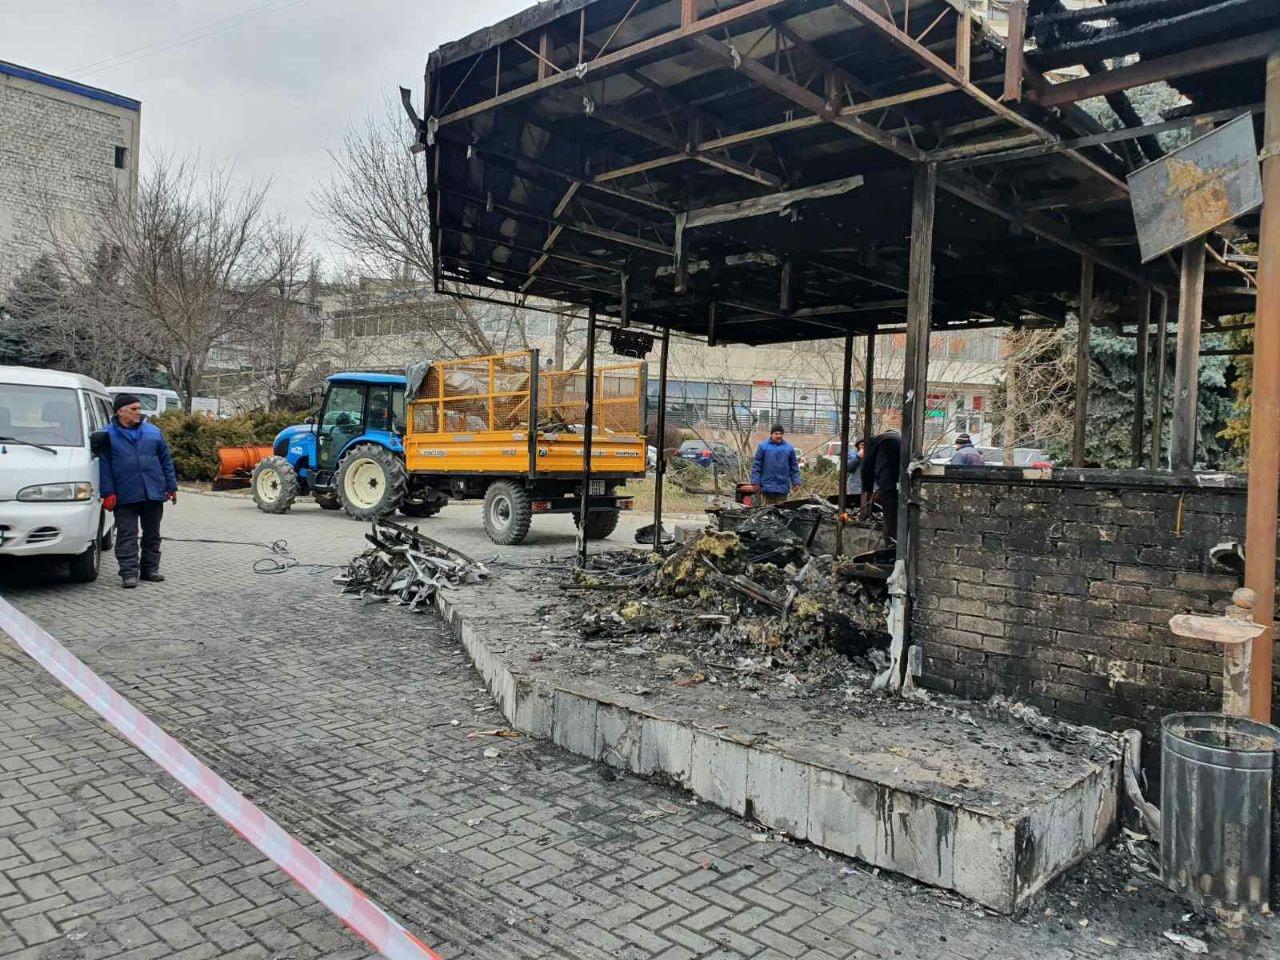 Конструкции сгоревшего на Негруцци магазина демонтировали. Там обустроят современную остановку